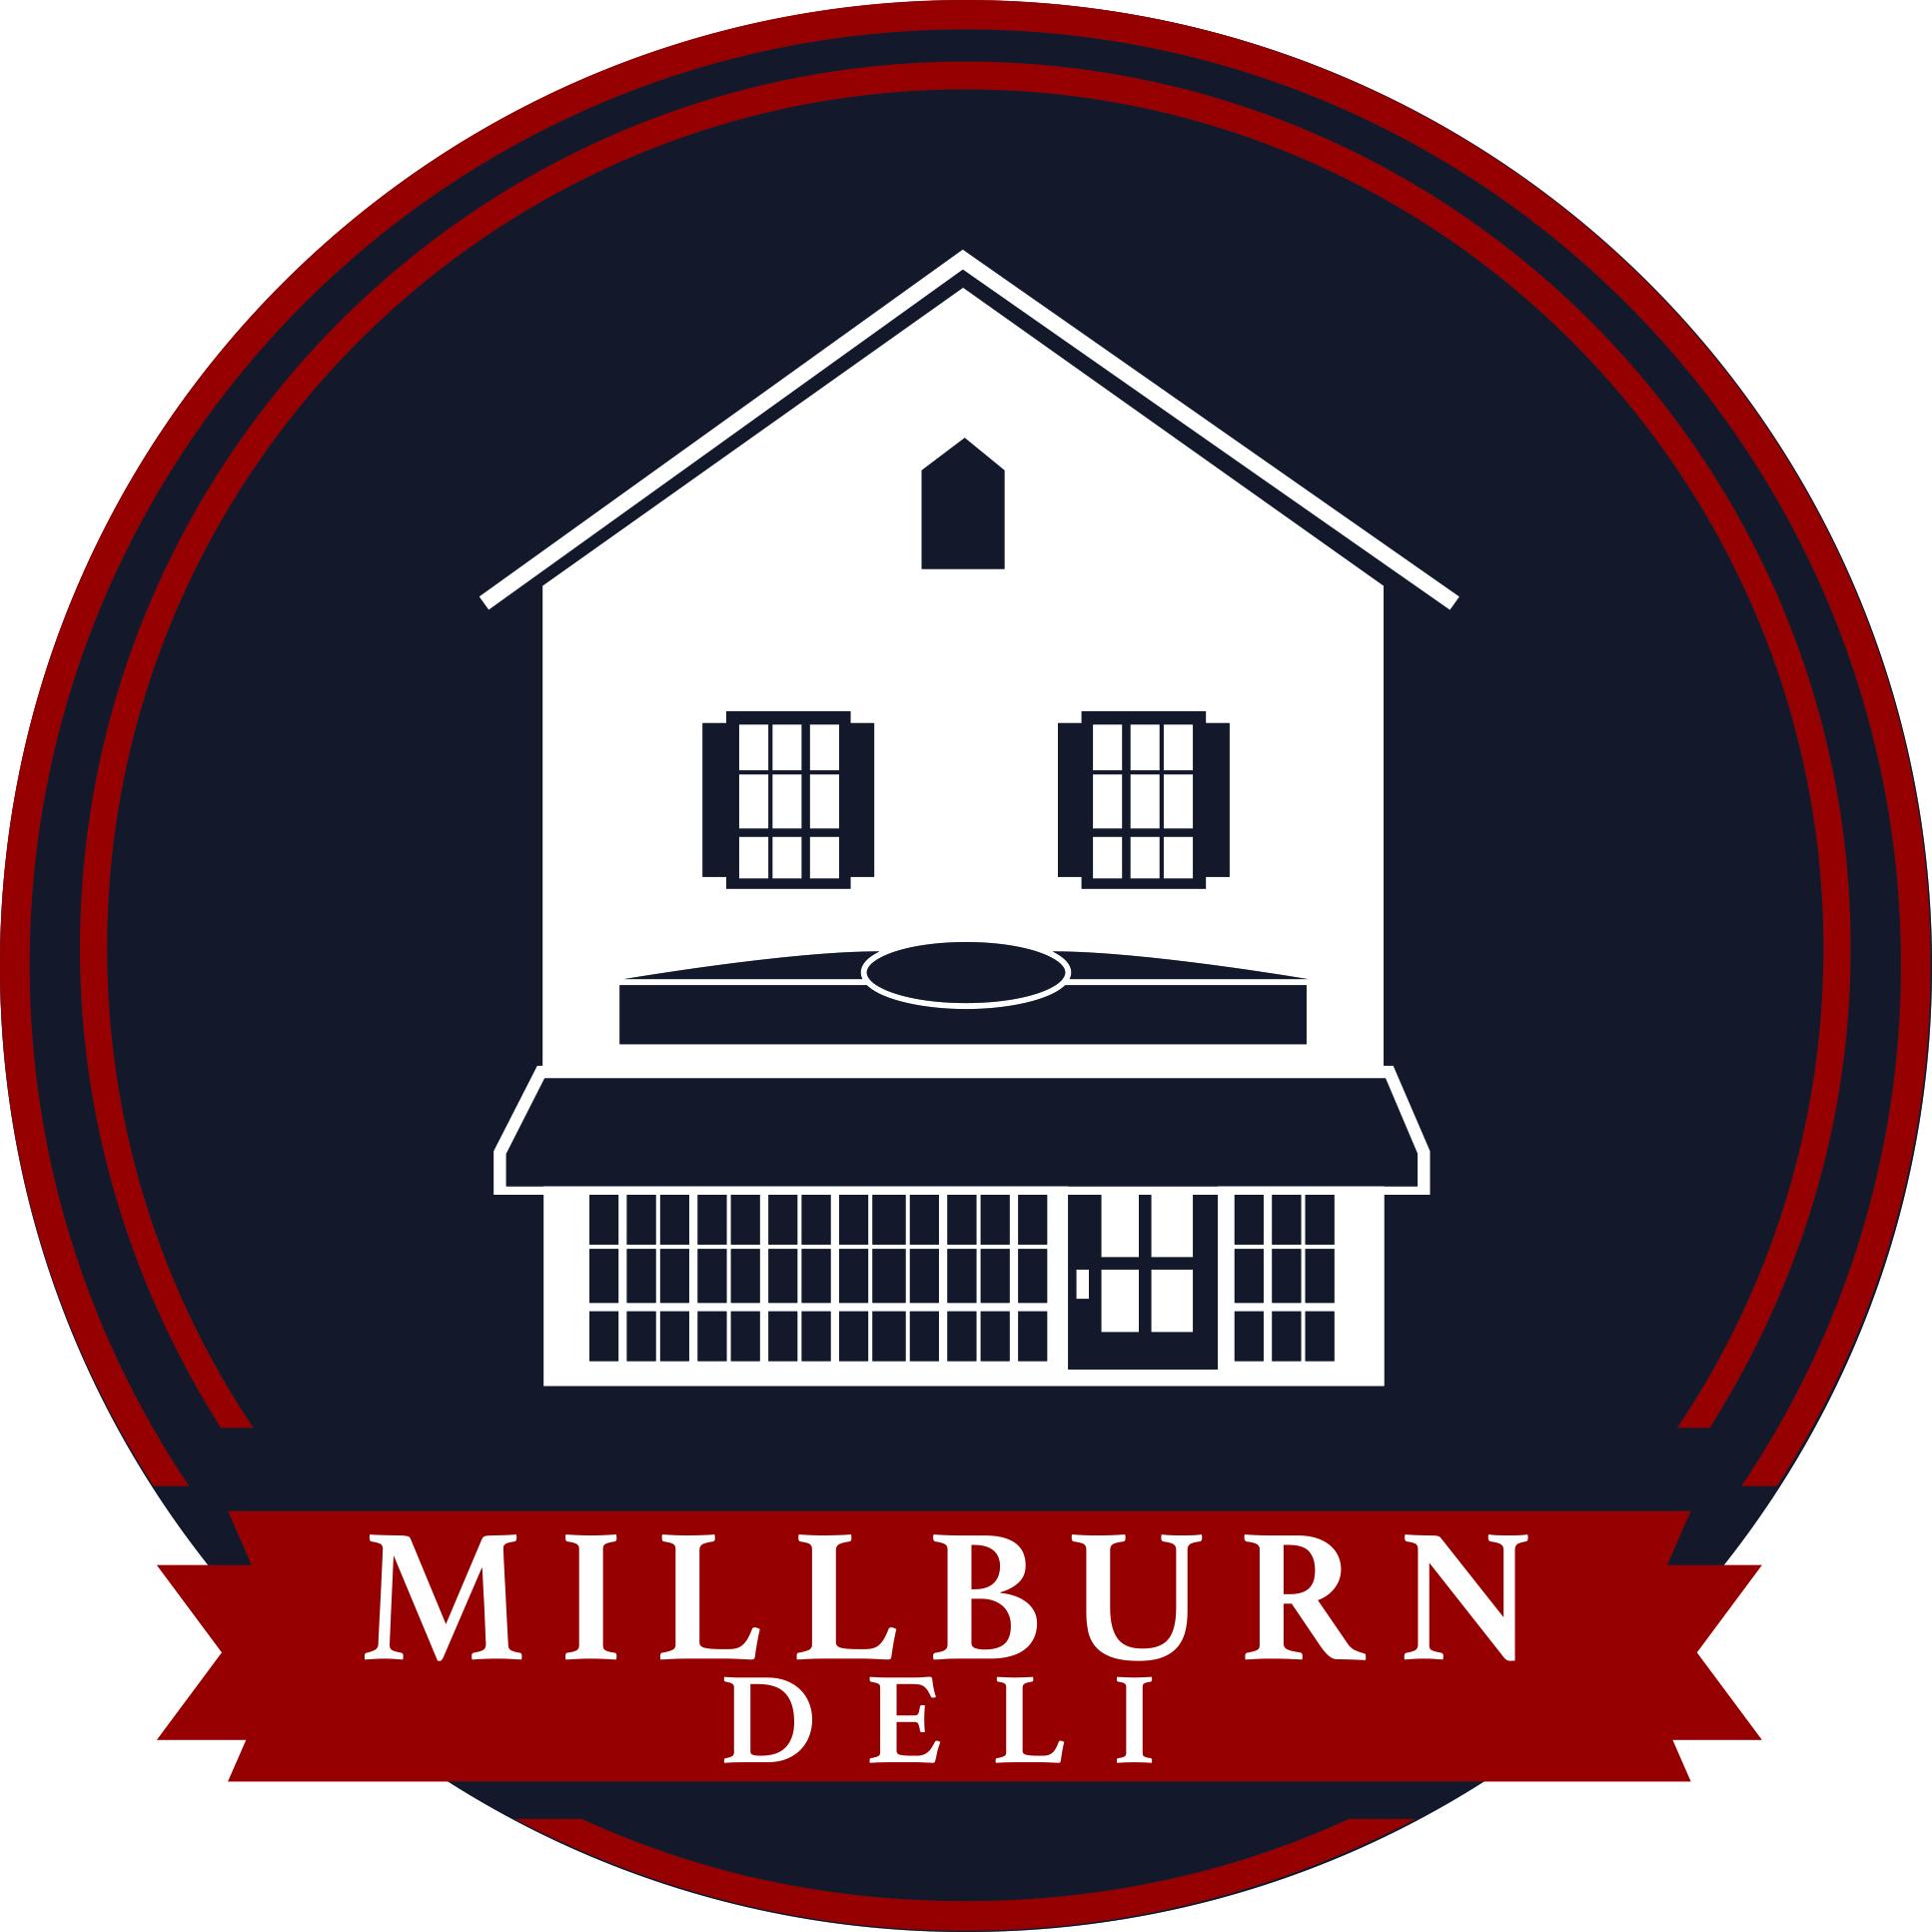 Millburn Deli Logo